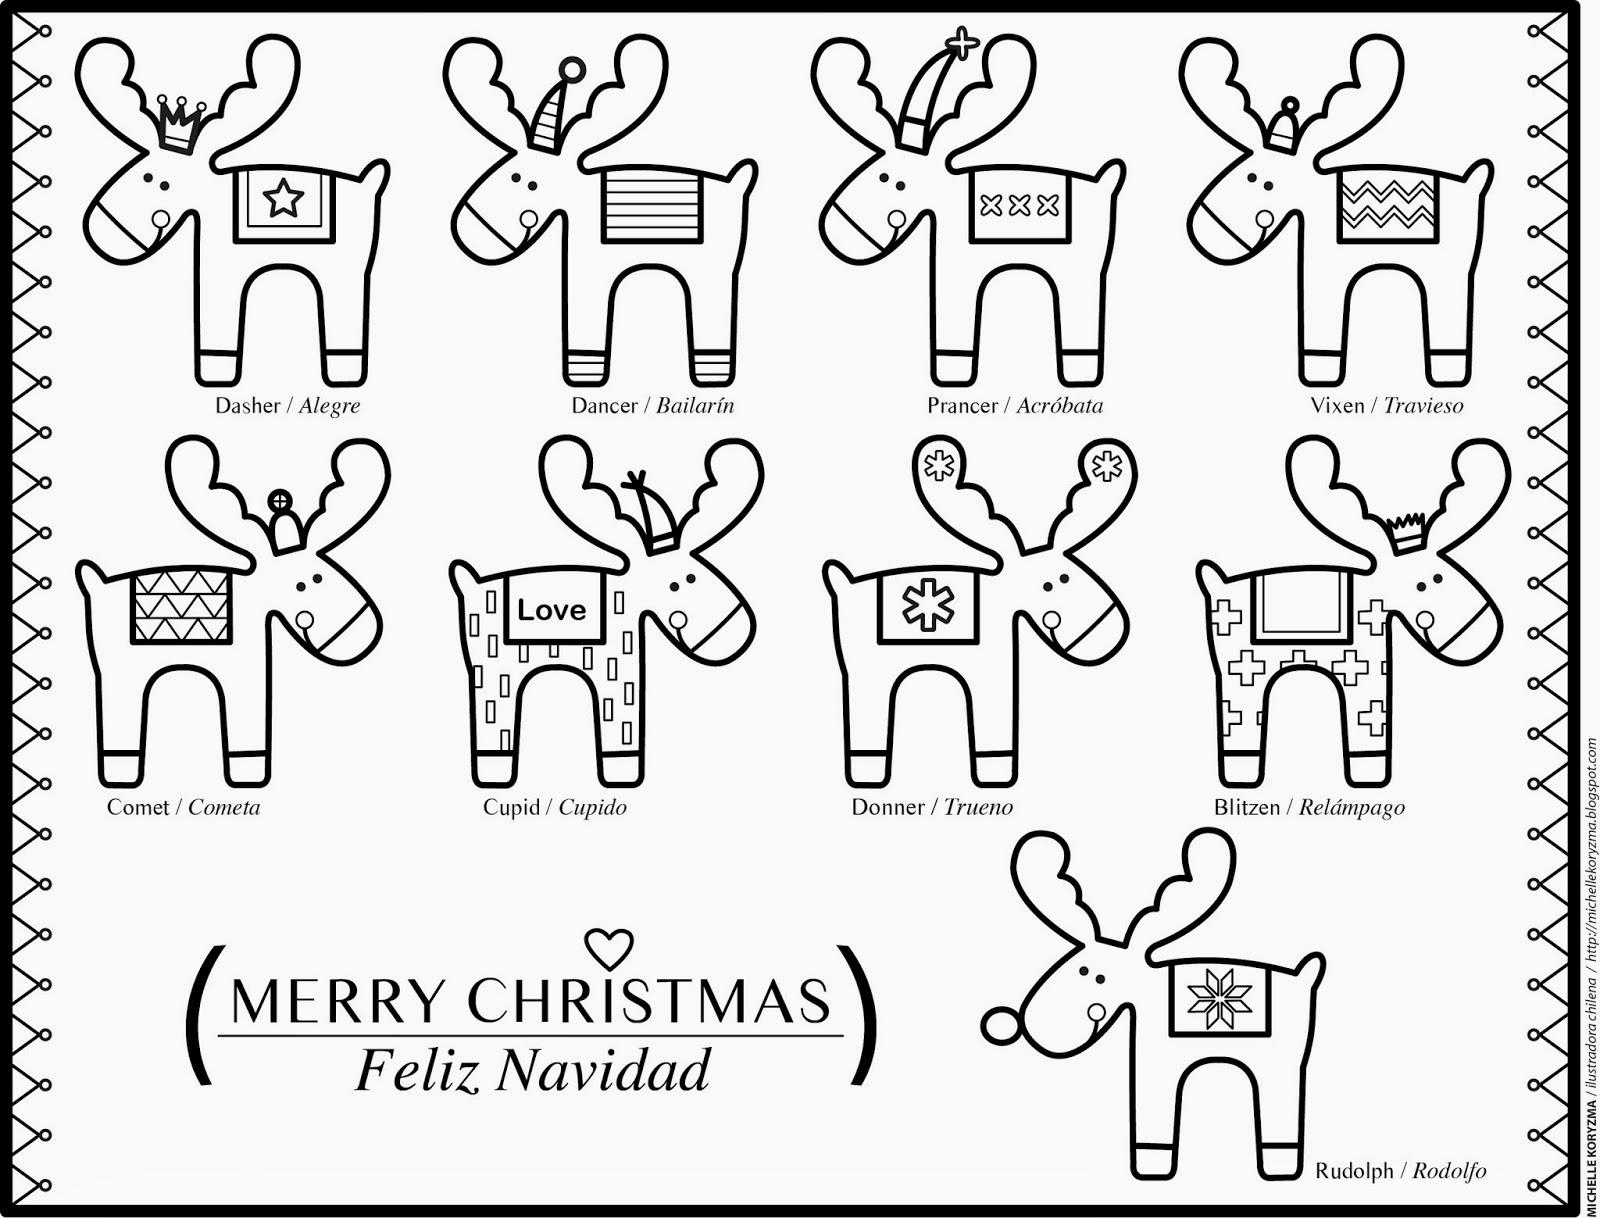 Desde el corazón: XMAS COLORING SHEET - Hoja para colorear Navidad